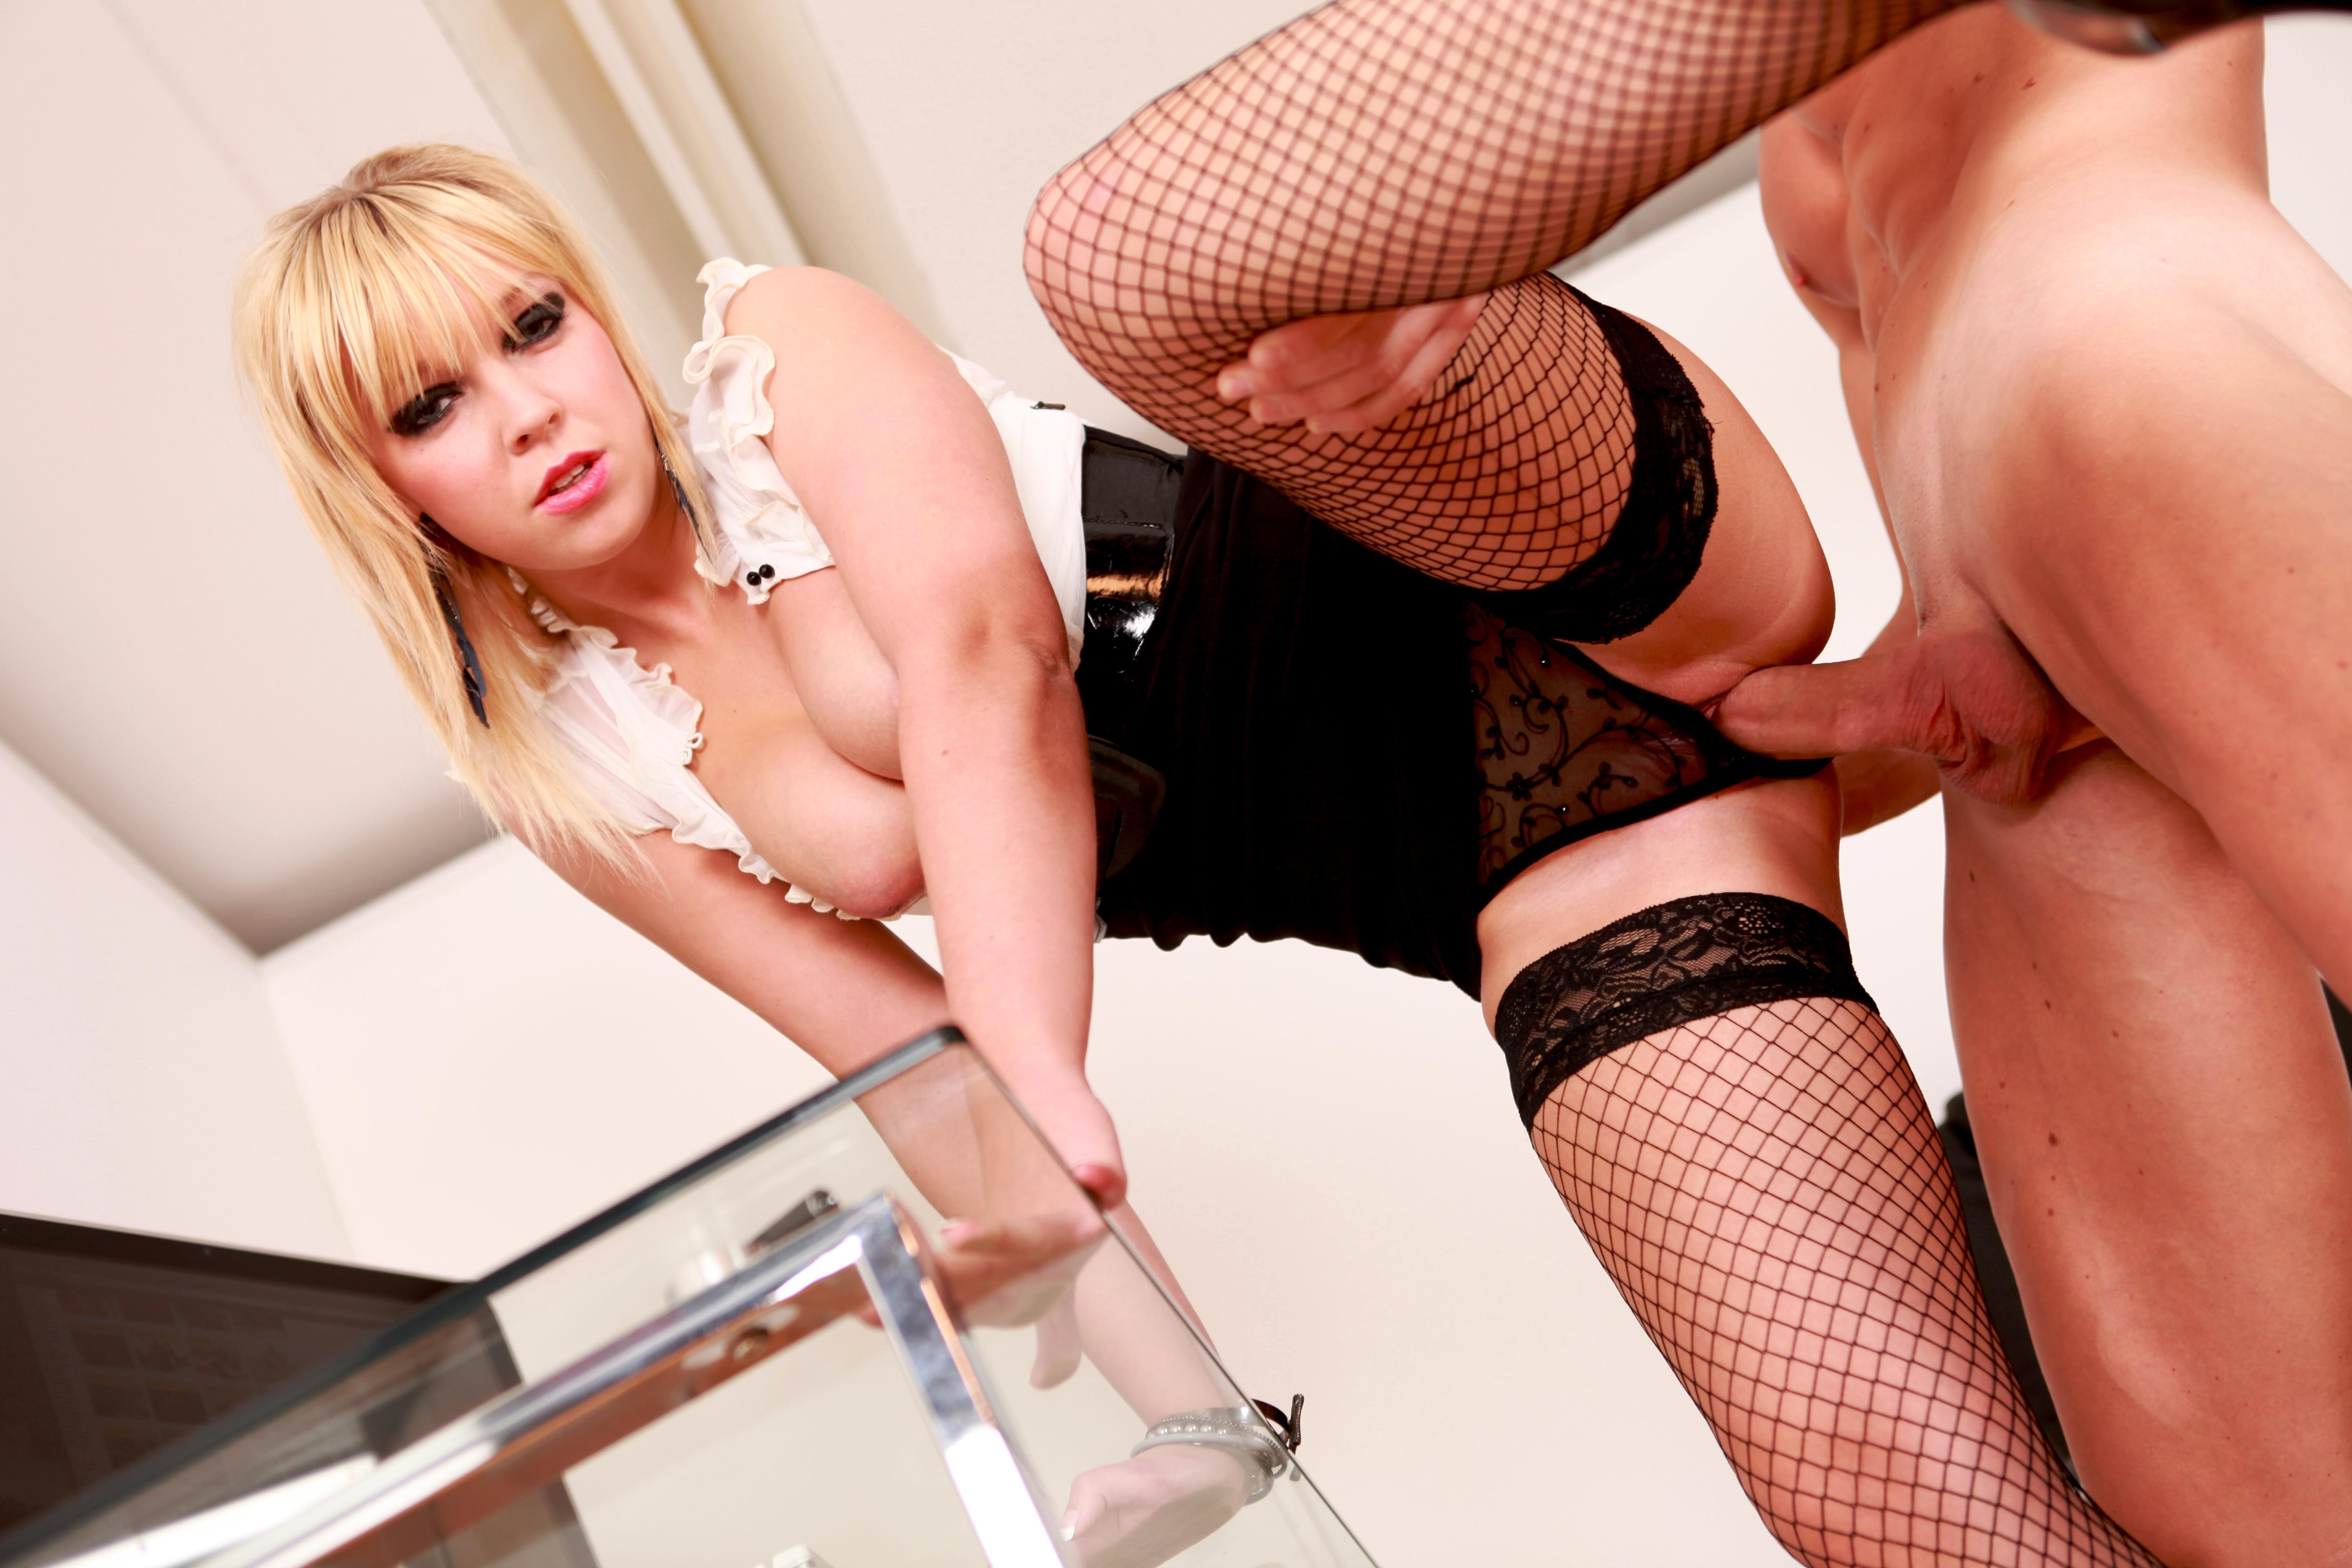 Scarlet Lovatt - A Hot Blonde Secretary